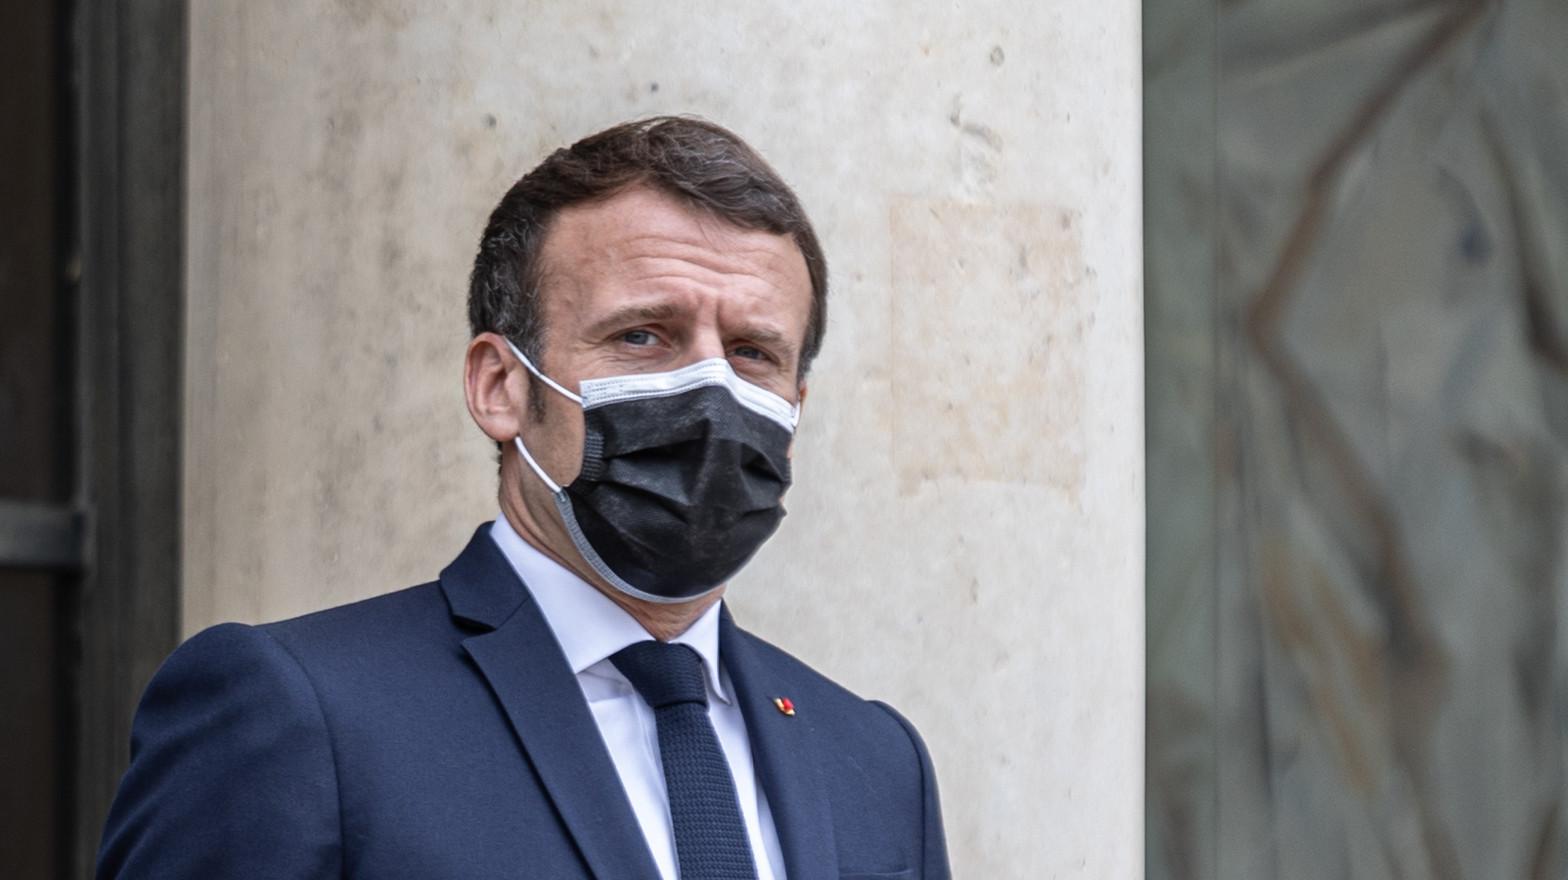 Francia impone el pasaporte sanitario en restaurantes y lugares cerrados